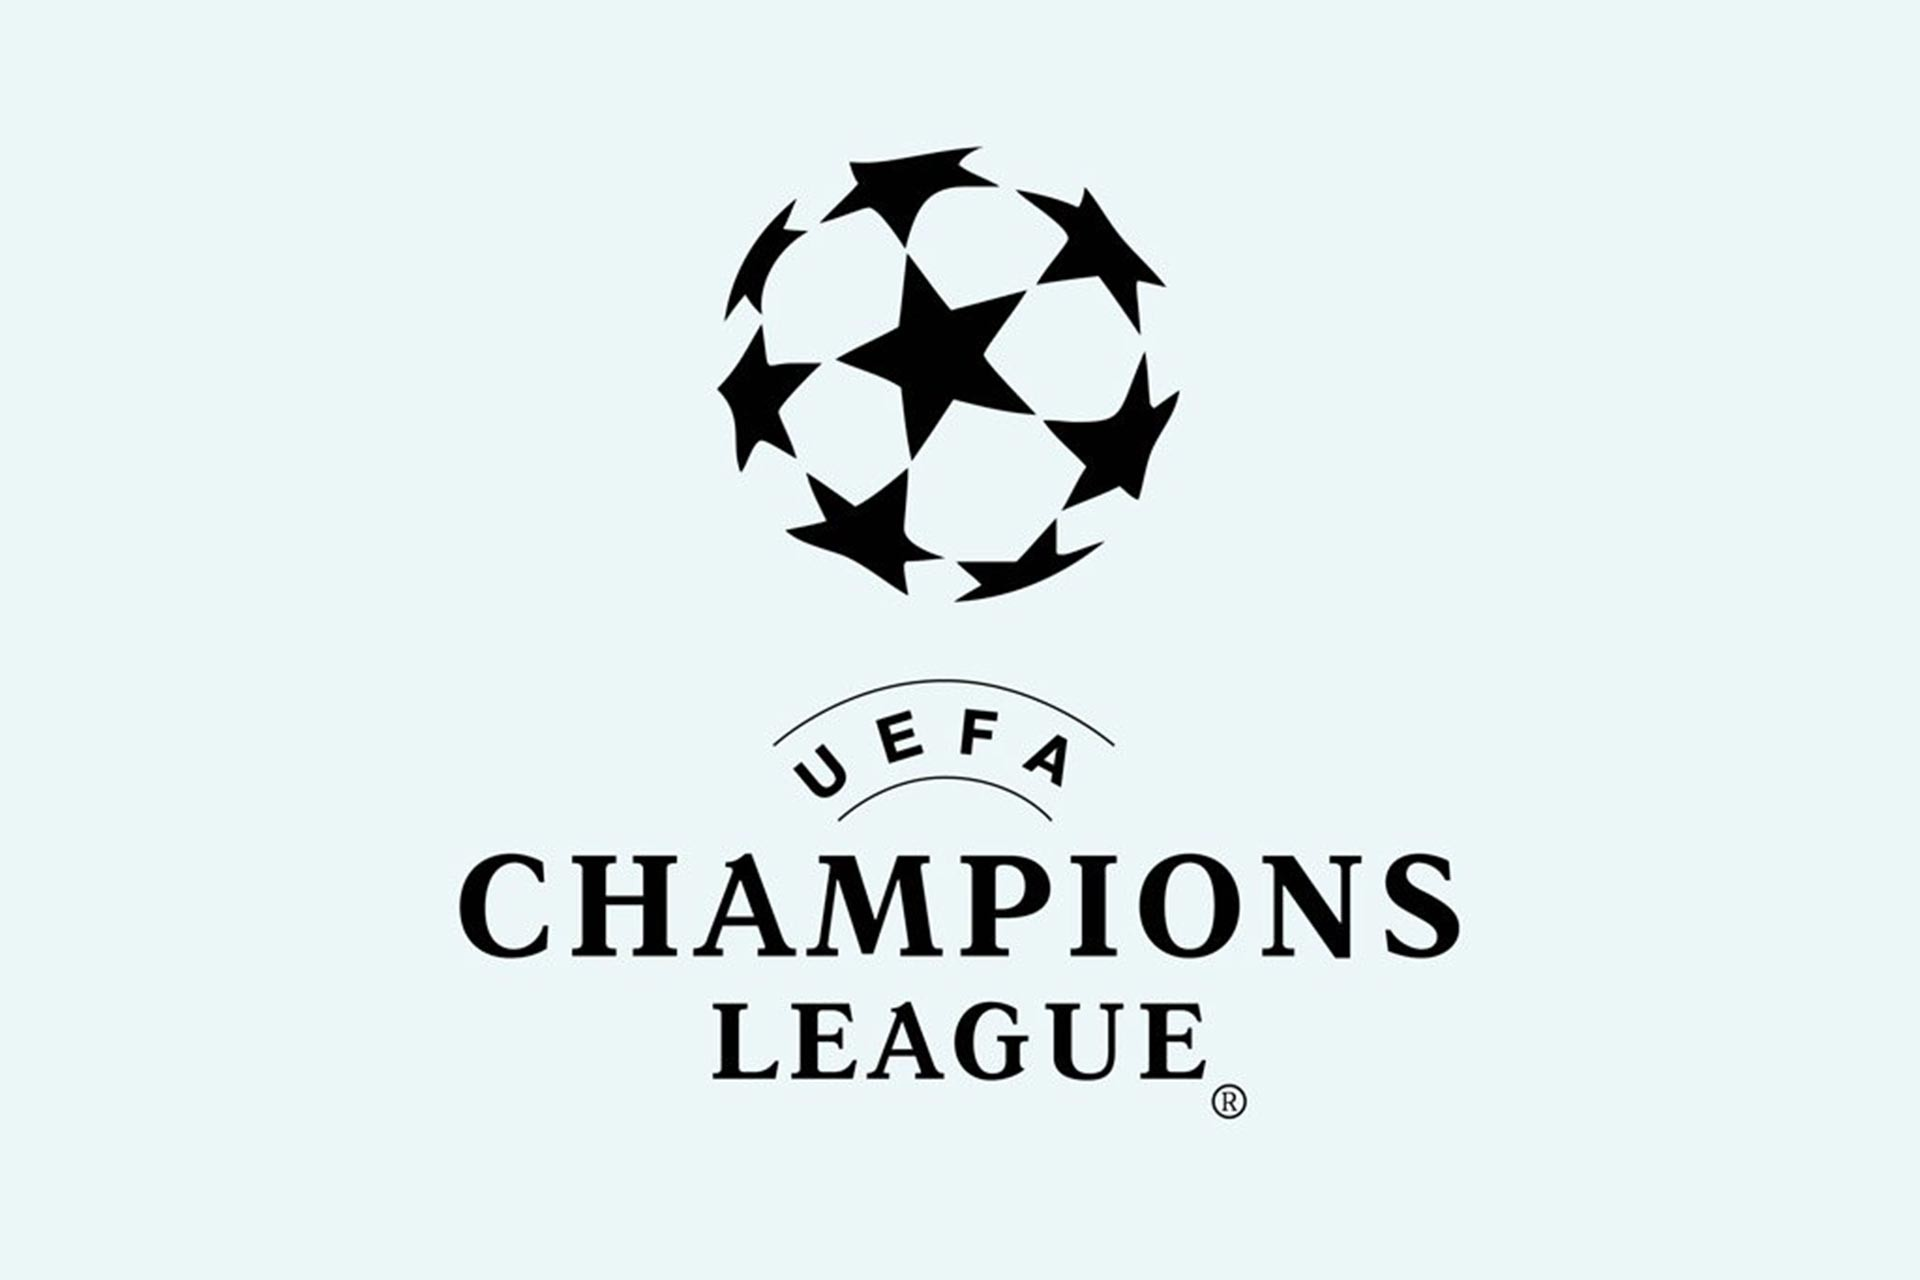 UEFA Şampiyonlar Ligi 2021, 2022 ve 2023 yılı final maçlarının statları belirlendi